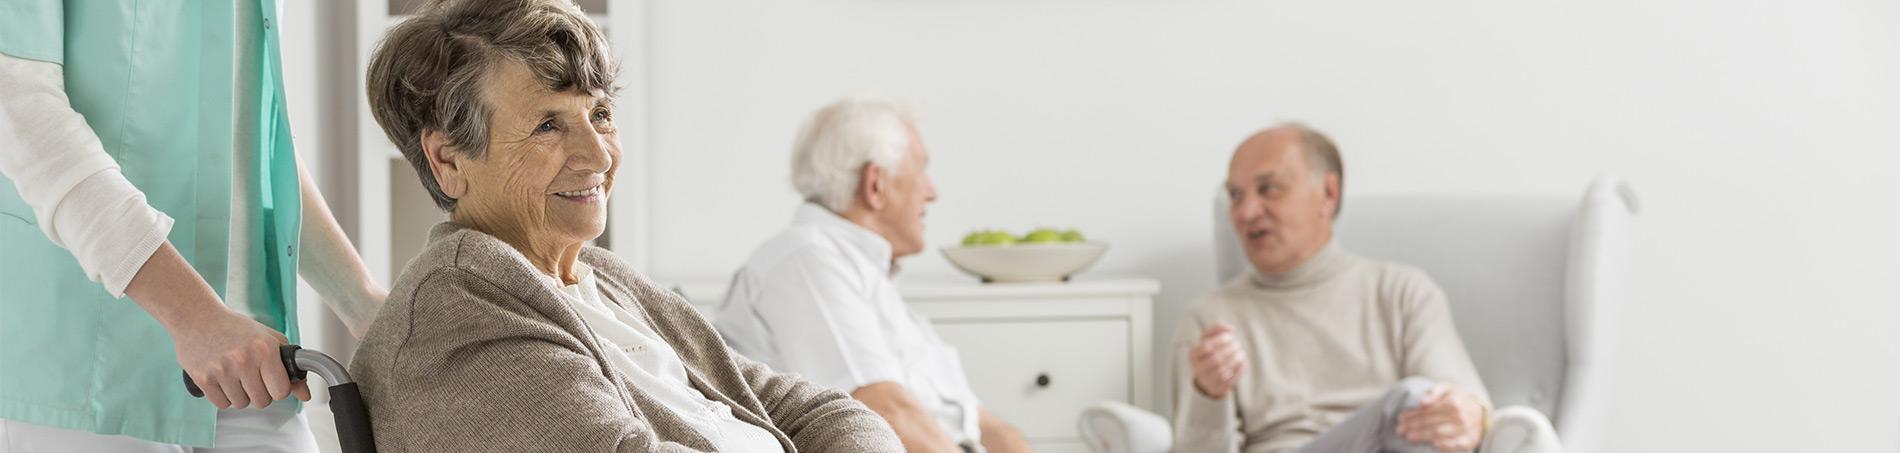 woman in wheelchair - dementia care